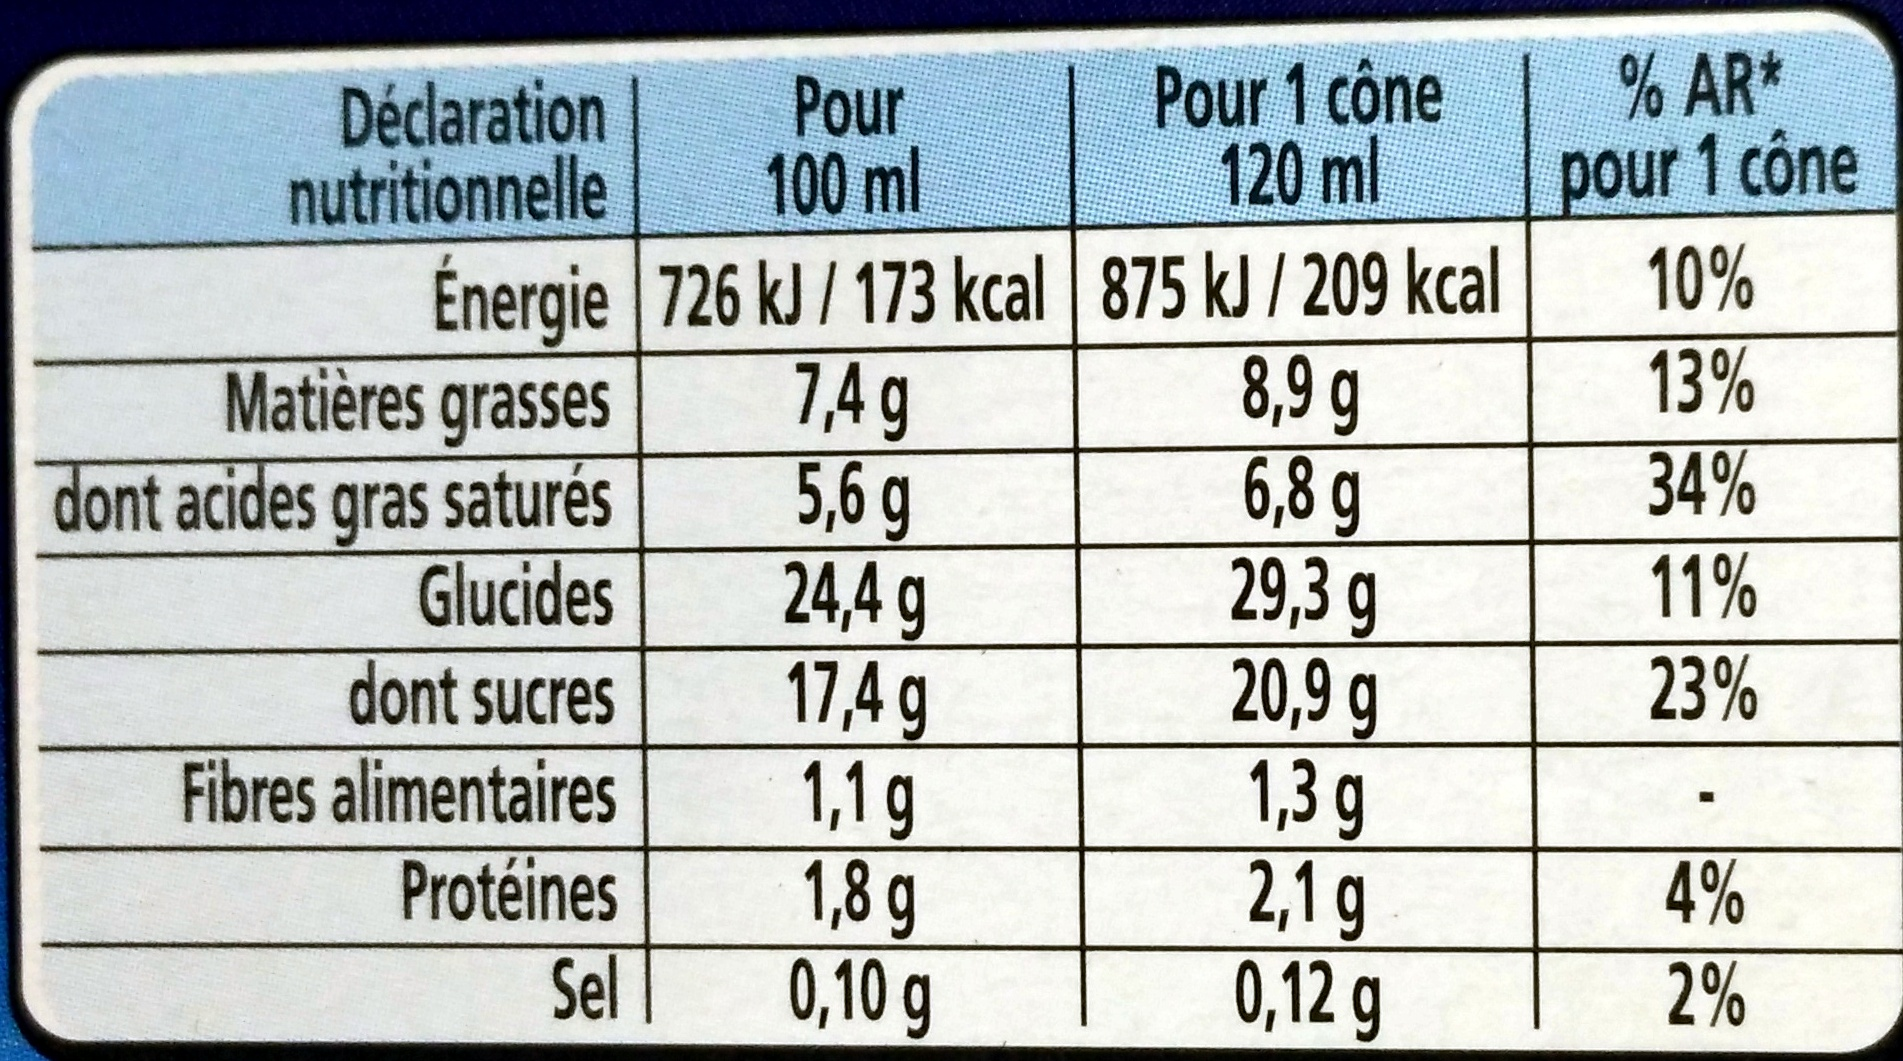 Extrême Café - Informations nutritionnelles